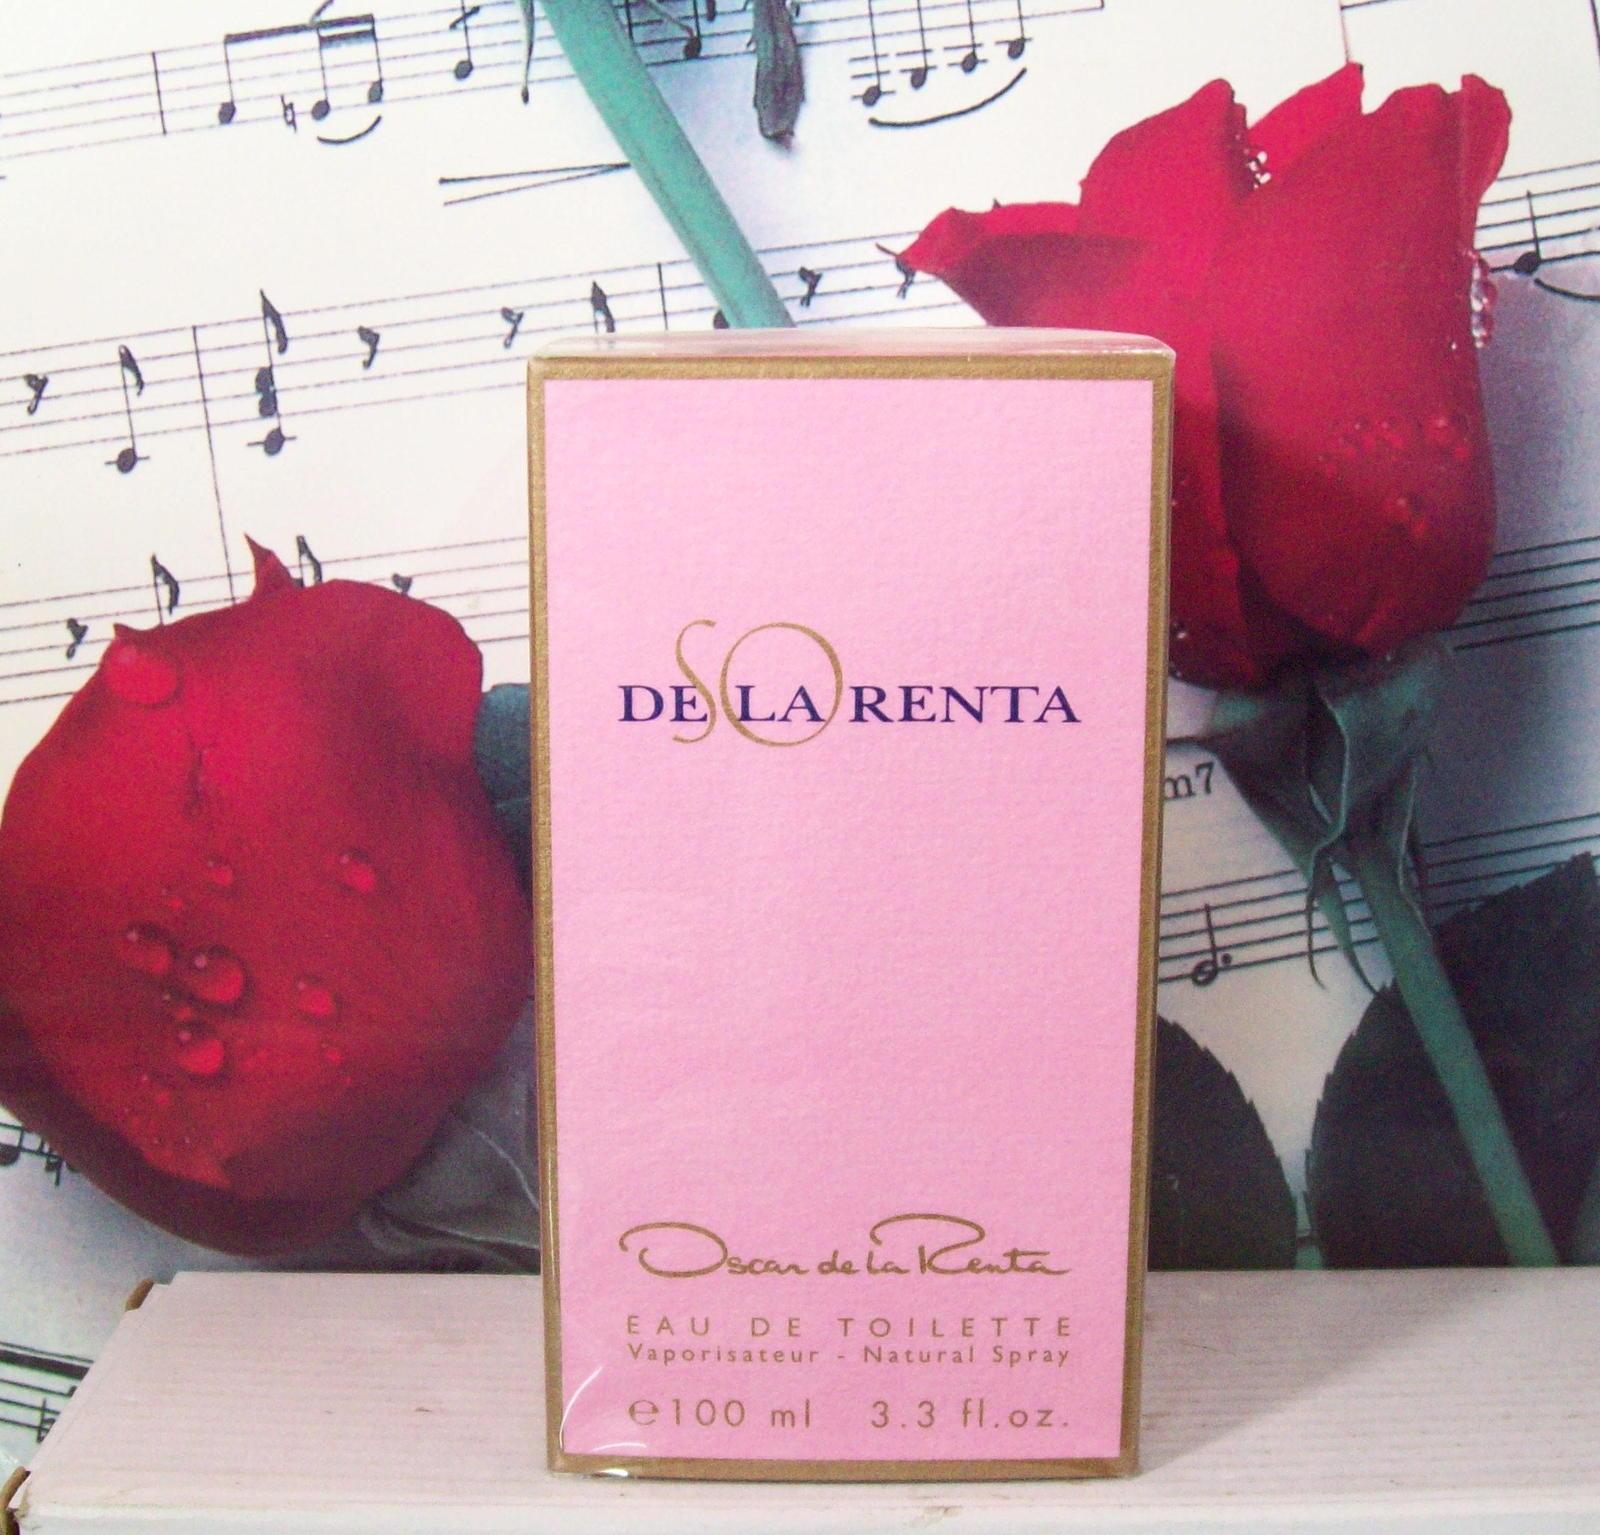 So De La Renta By Oscar De La Renta EDT Spray 3.3 FL. OZ. - $39.99